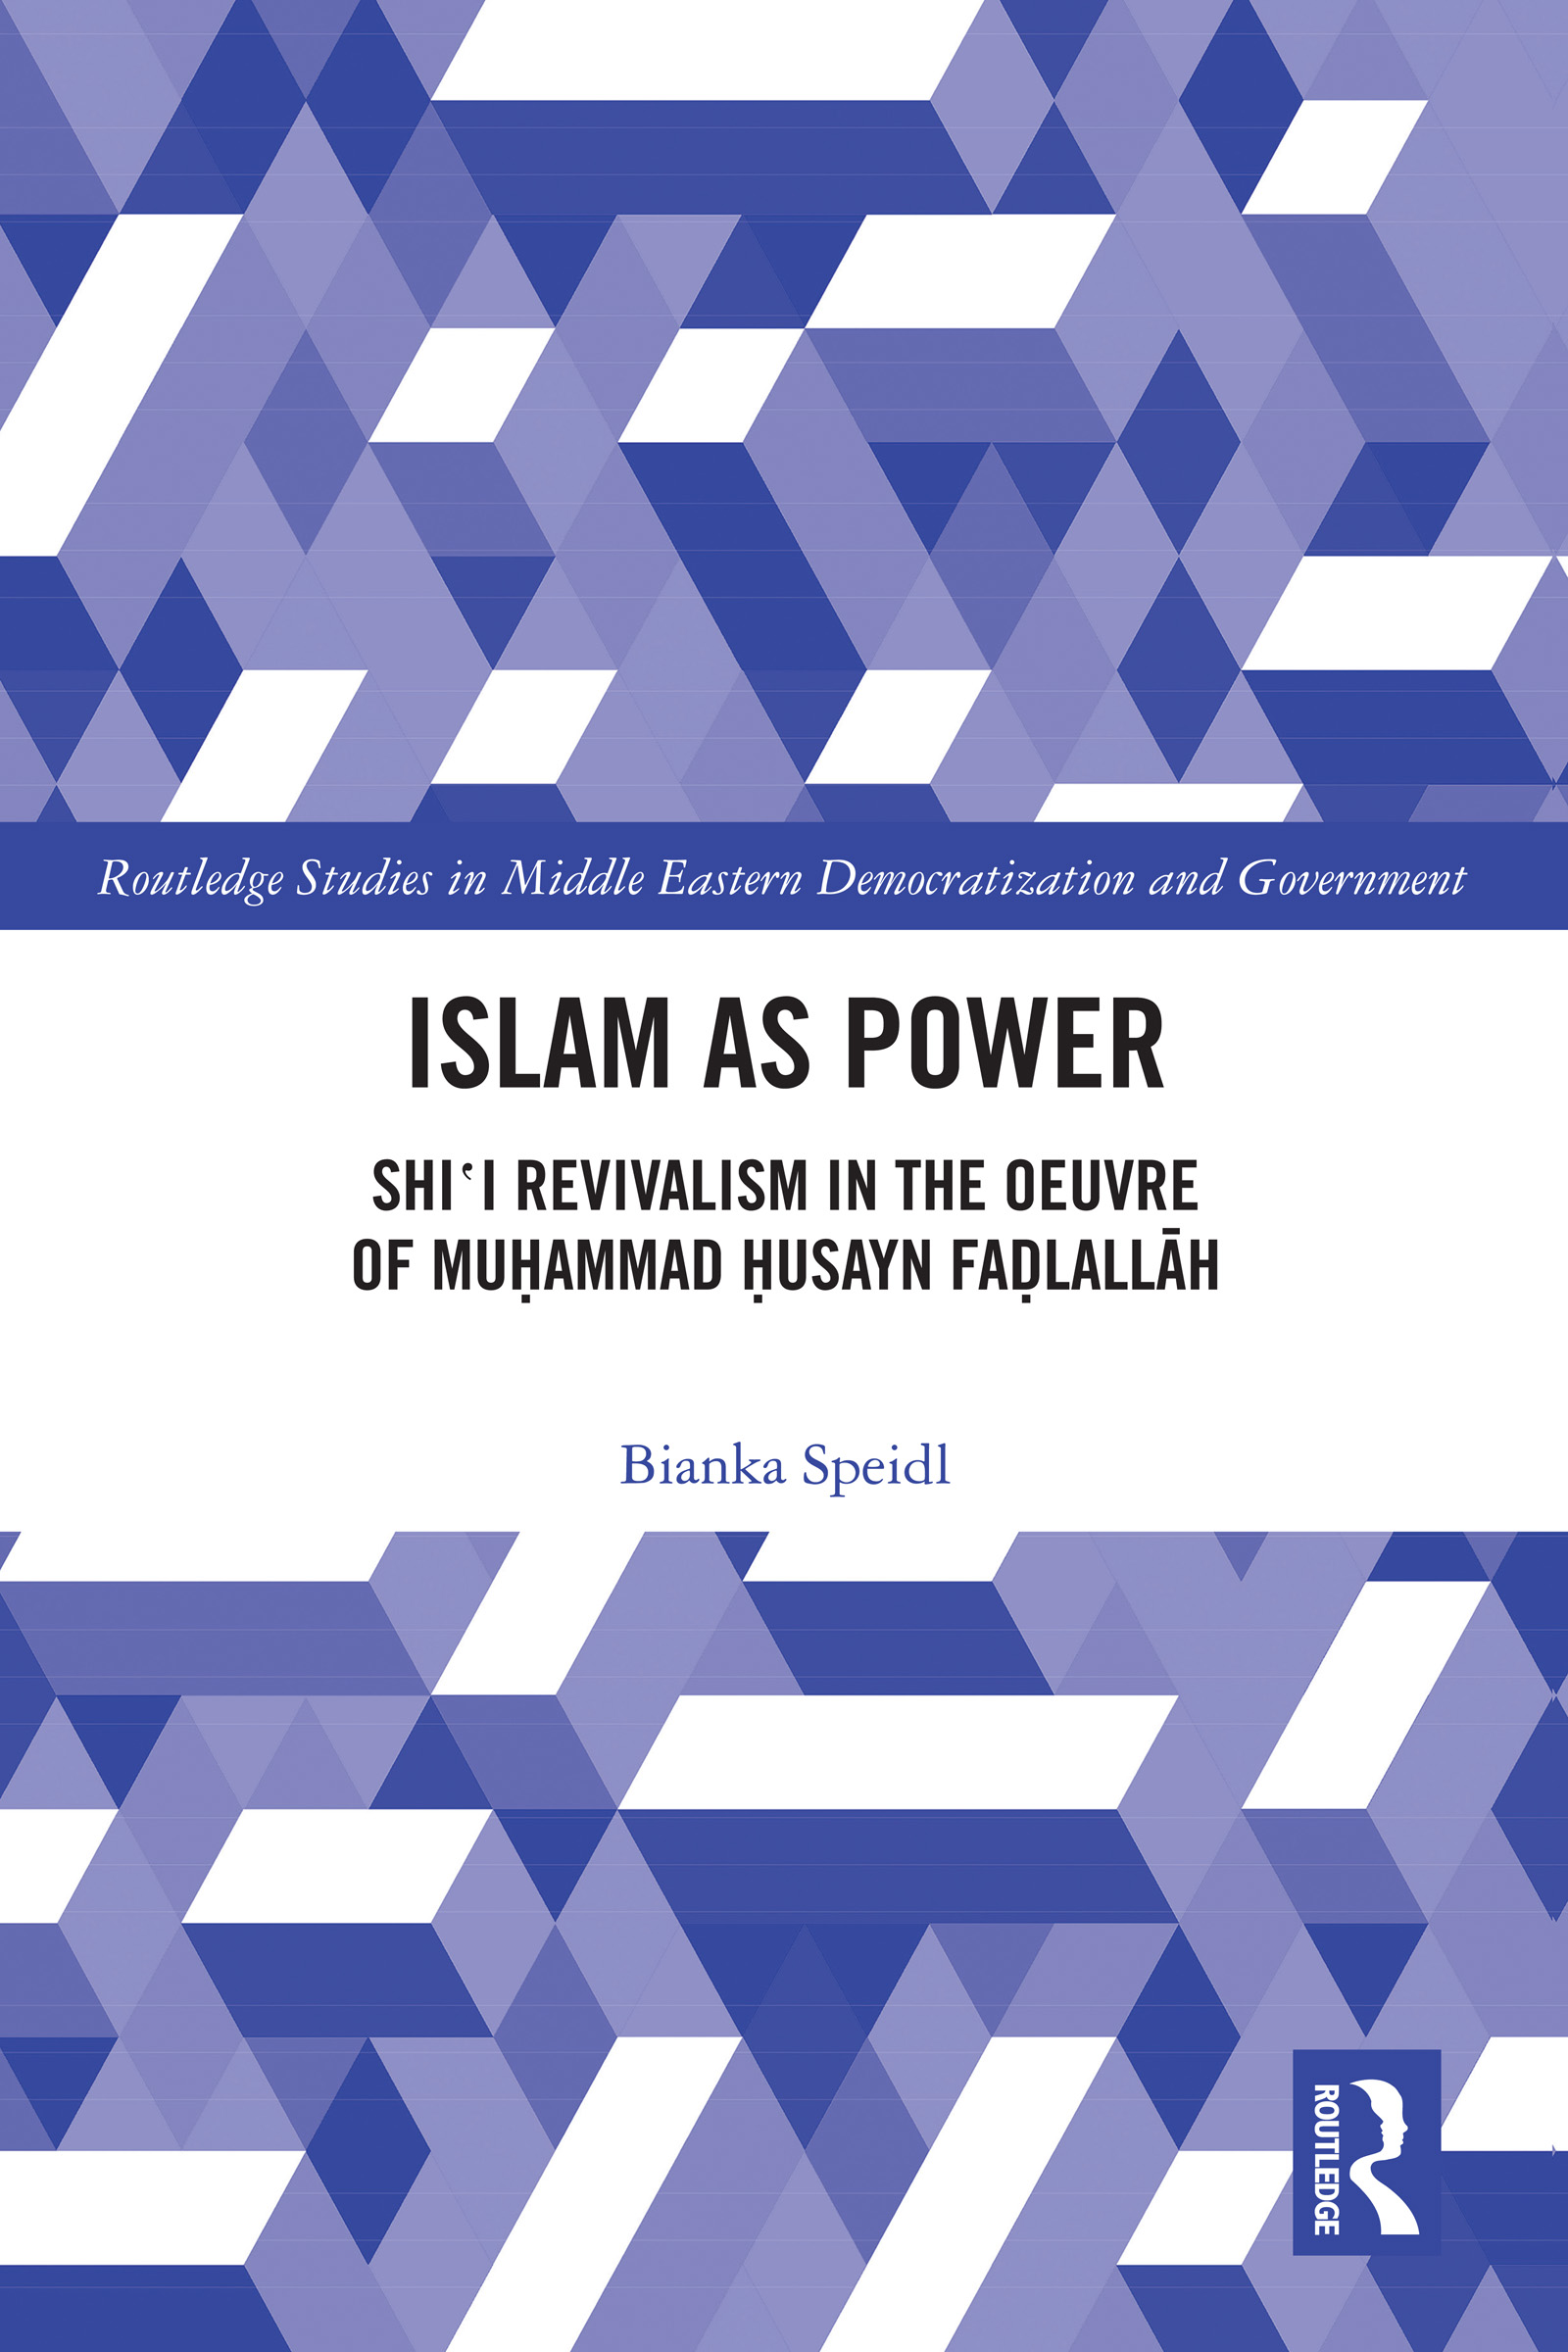 The importance of Muḥammad Ḥusayn Faḍlallāh in Shīʿī revivalism